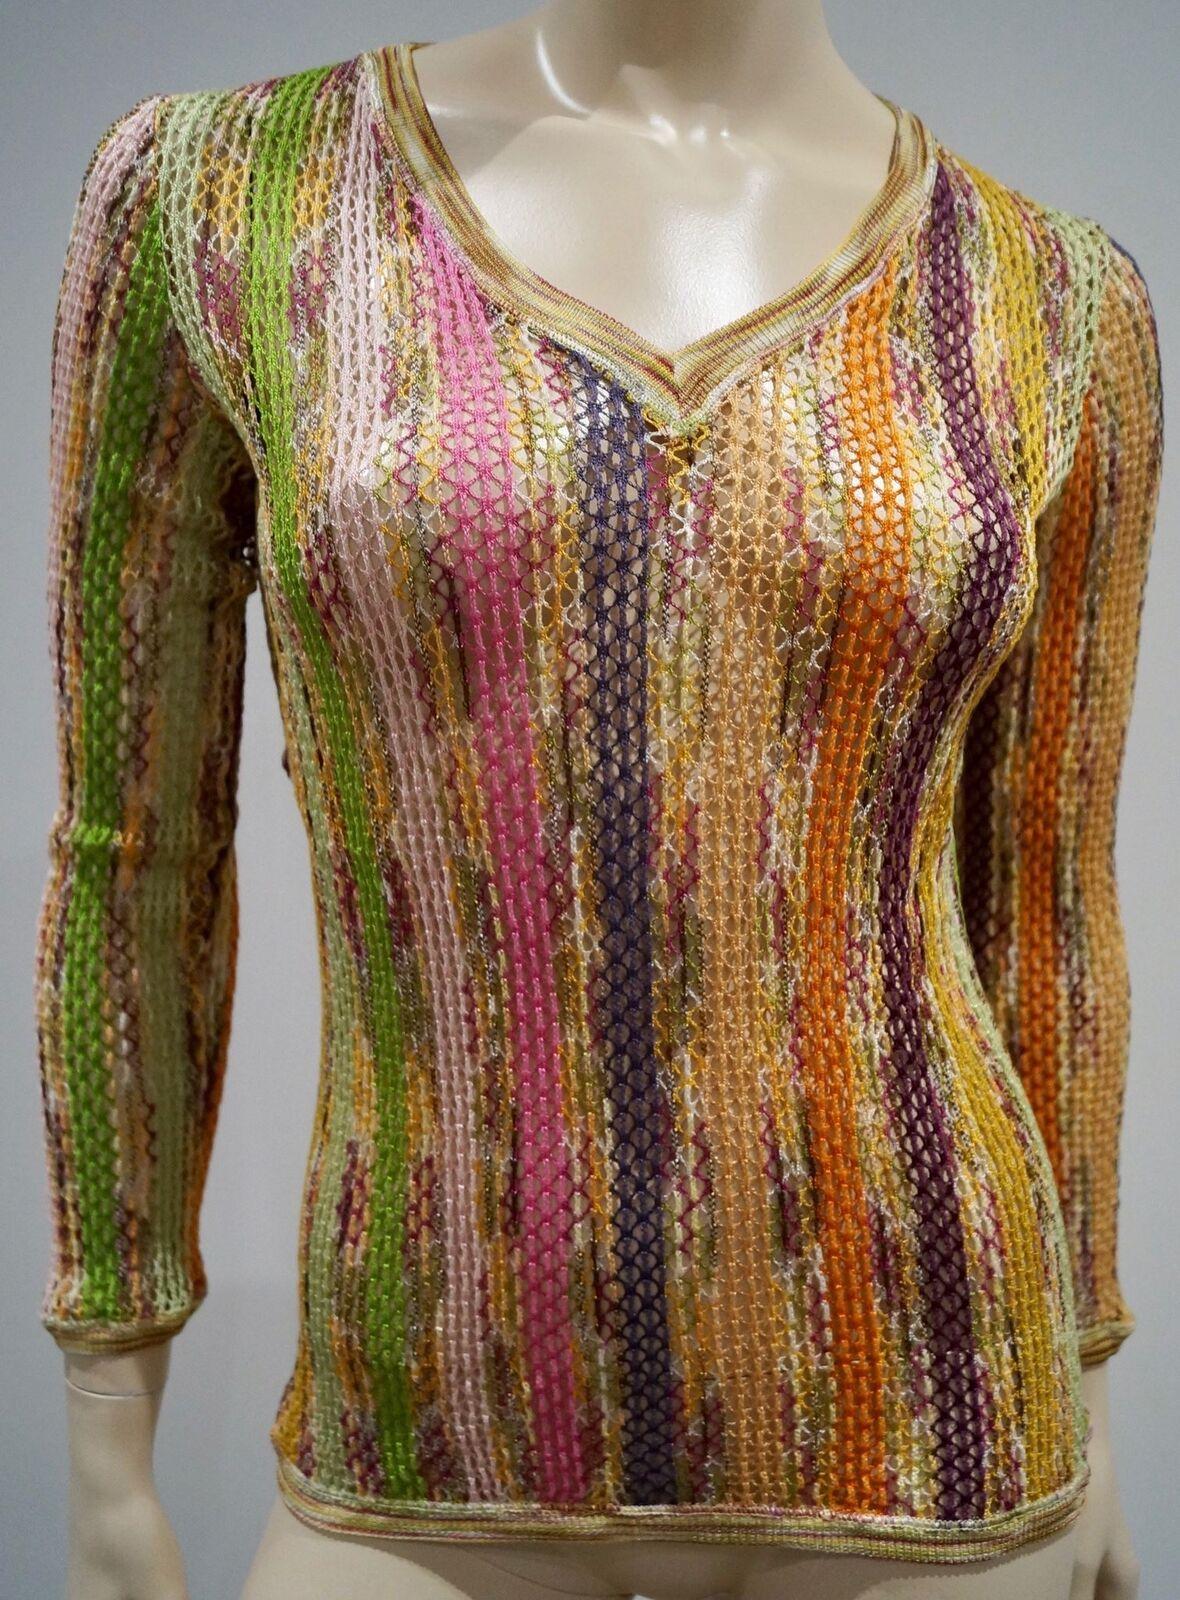 MISSONI Multicolore A Righe Misto Cotone Collo V V V allentato maglione Maglieria Netto Top 40 872b90